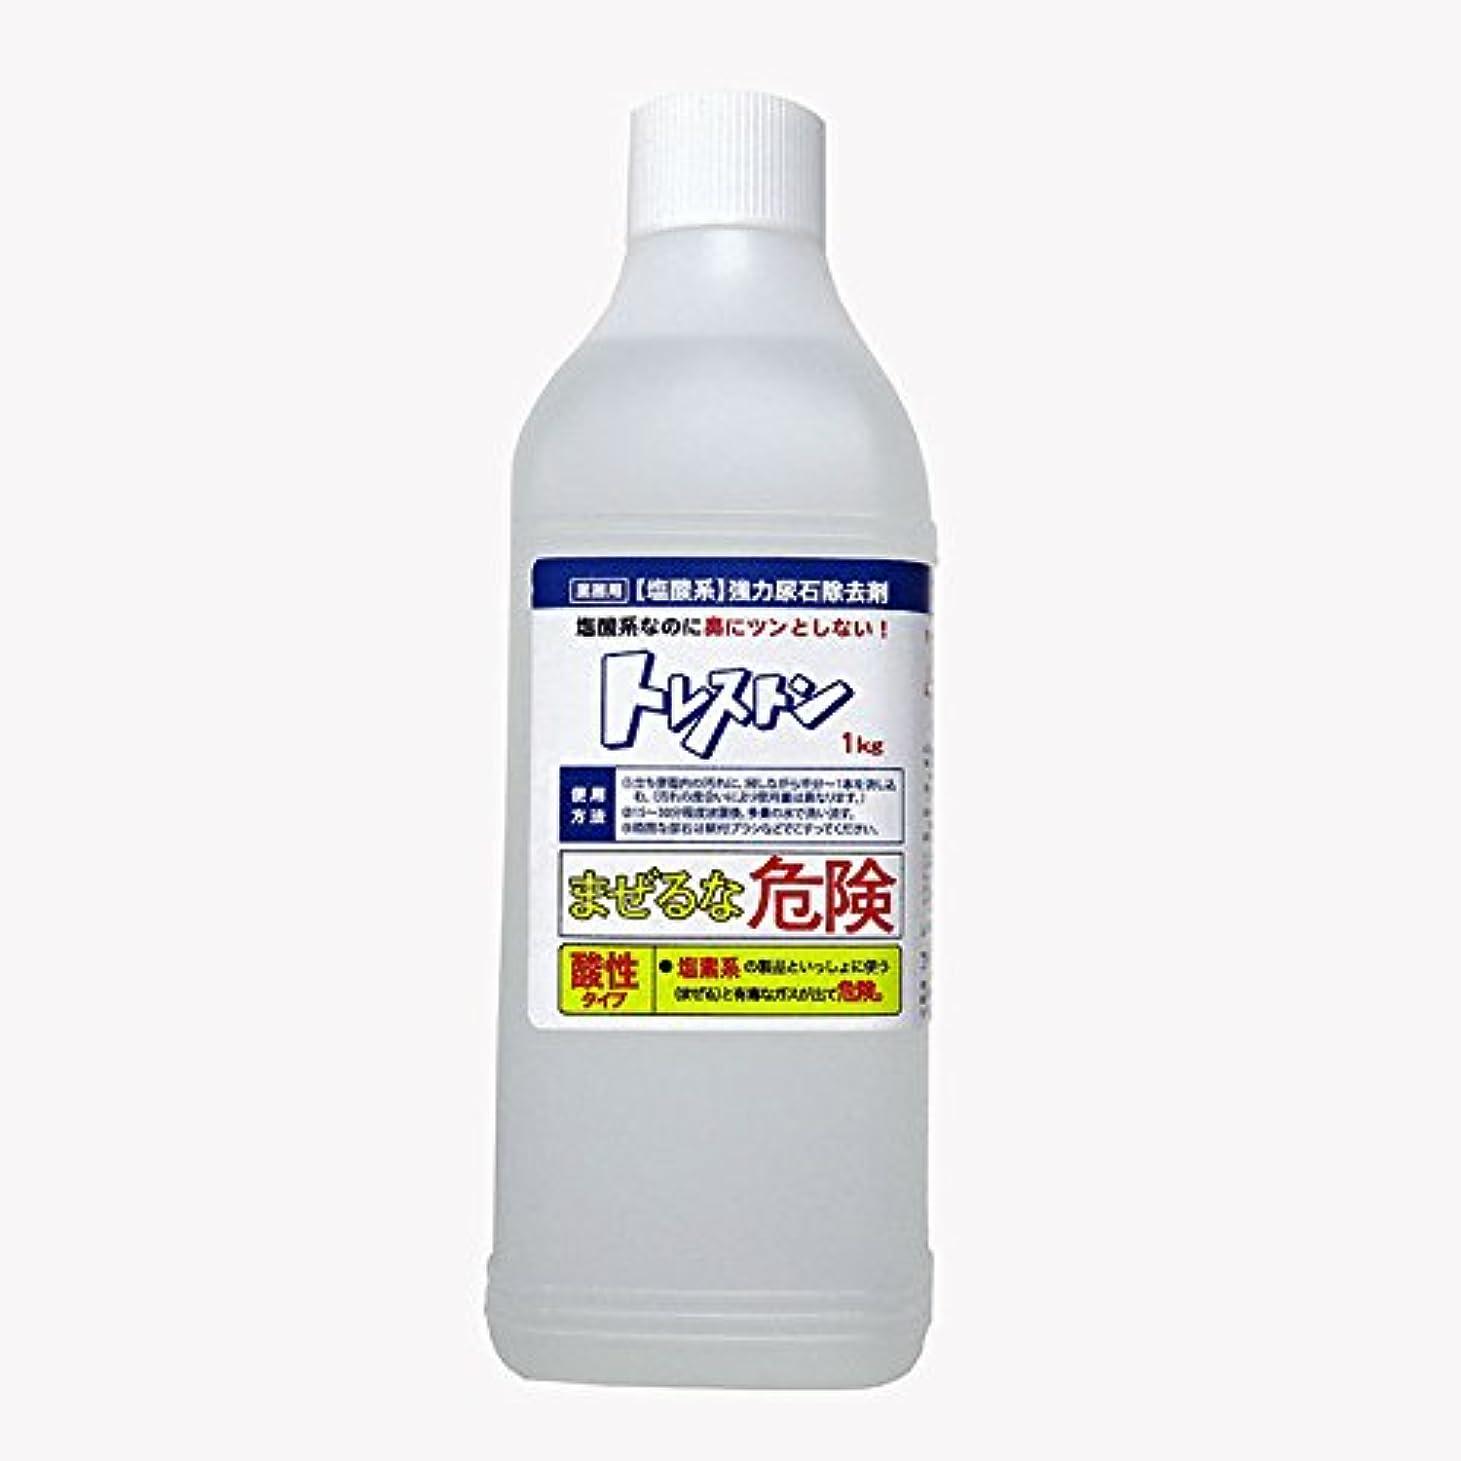 恩赦飢えた巨大な塩酸系強力尿石除去剤 トレストン